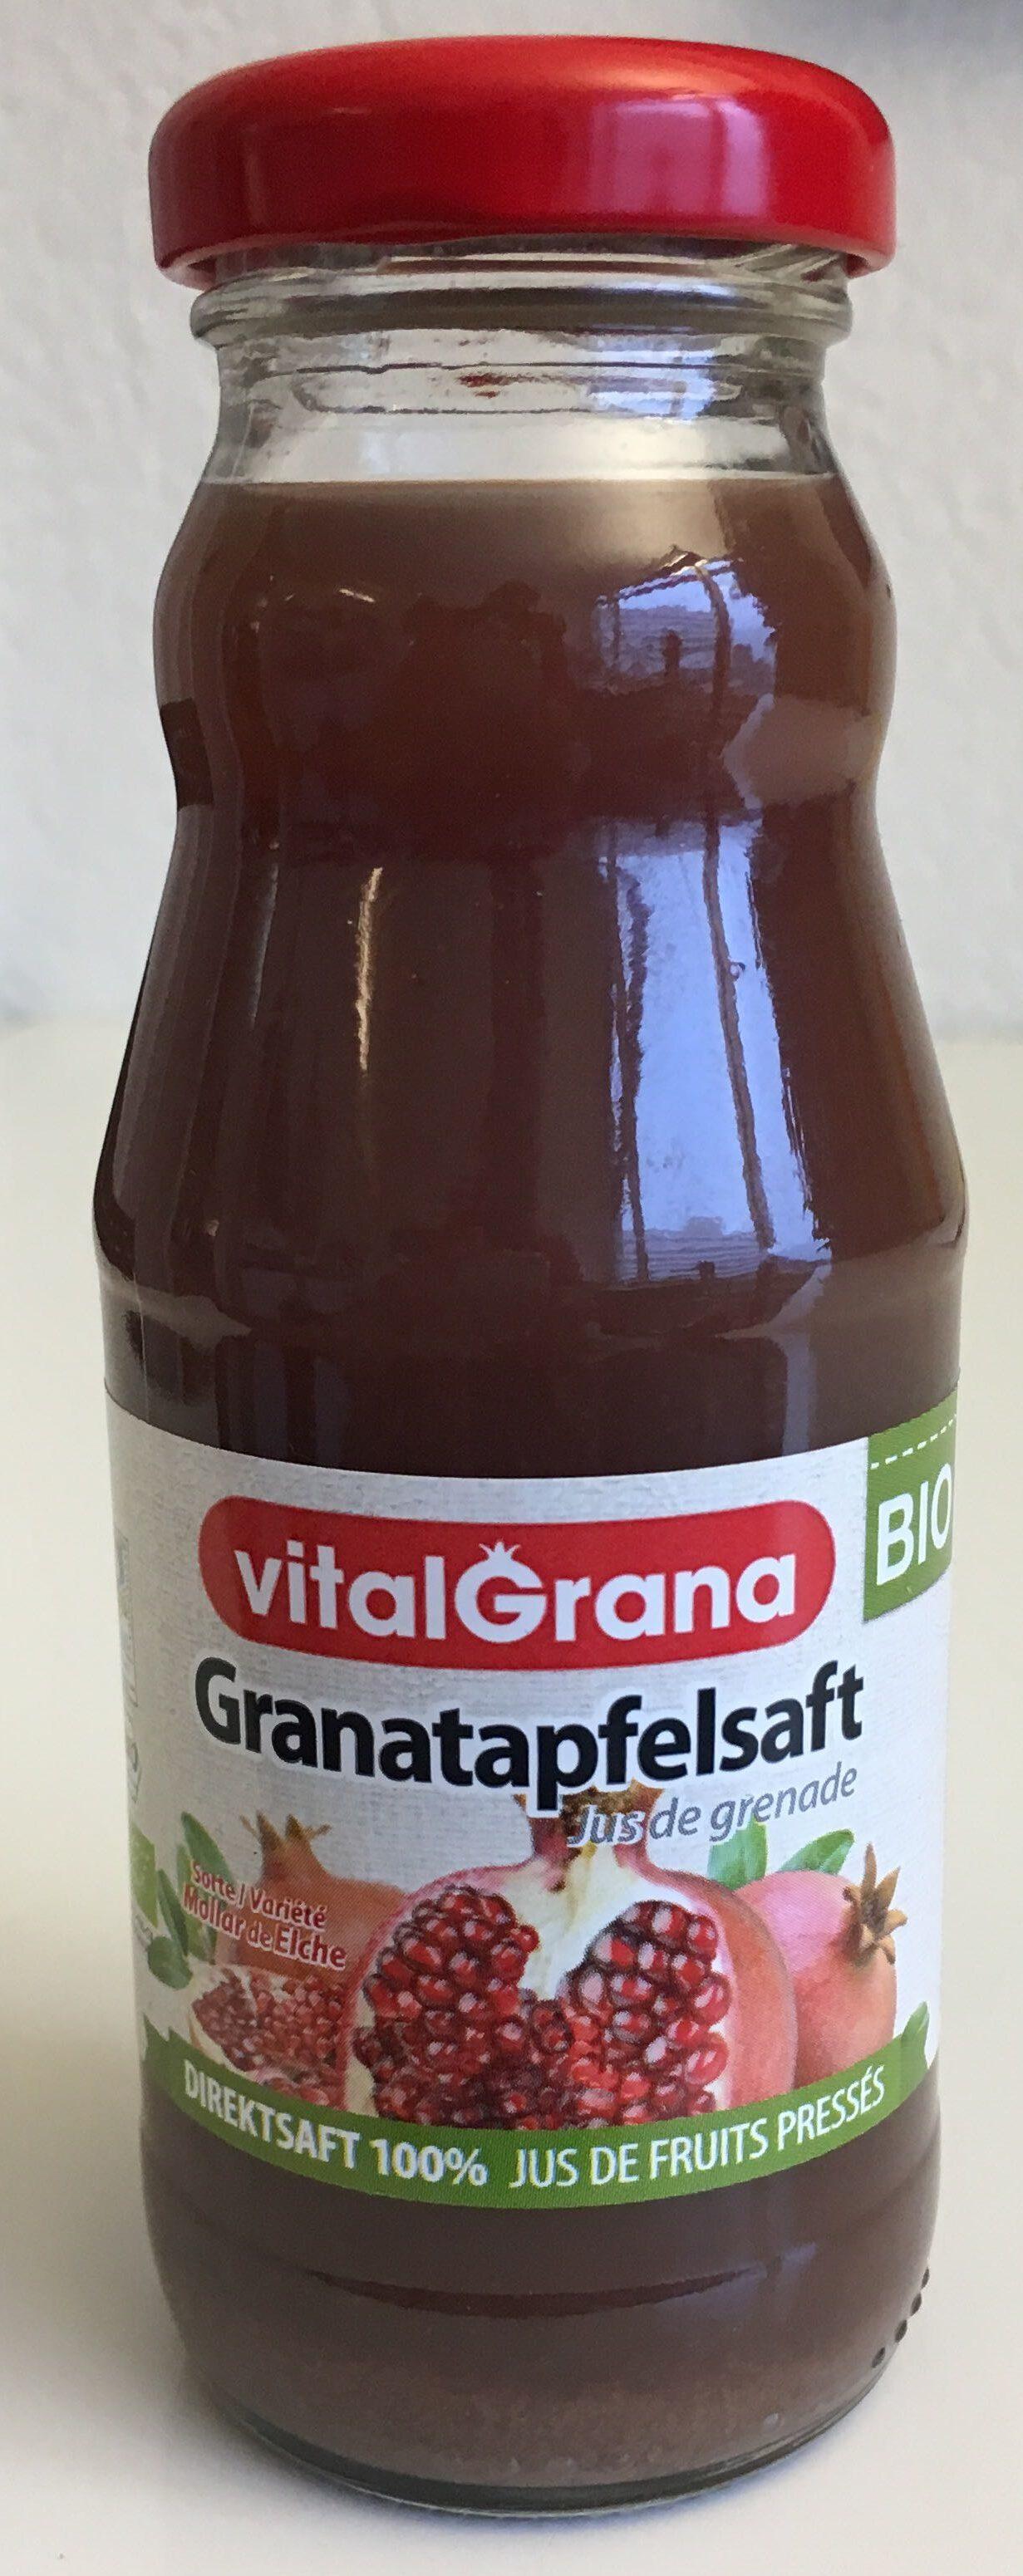 Granatapfelsagt - Product